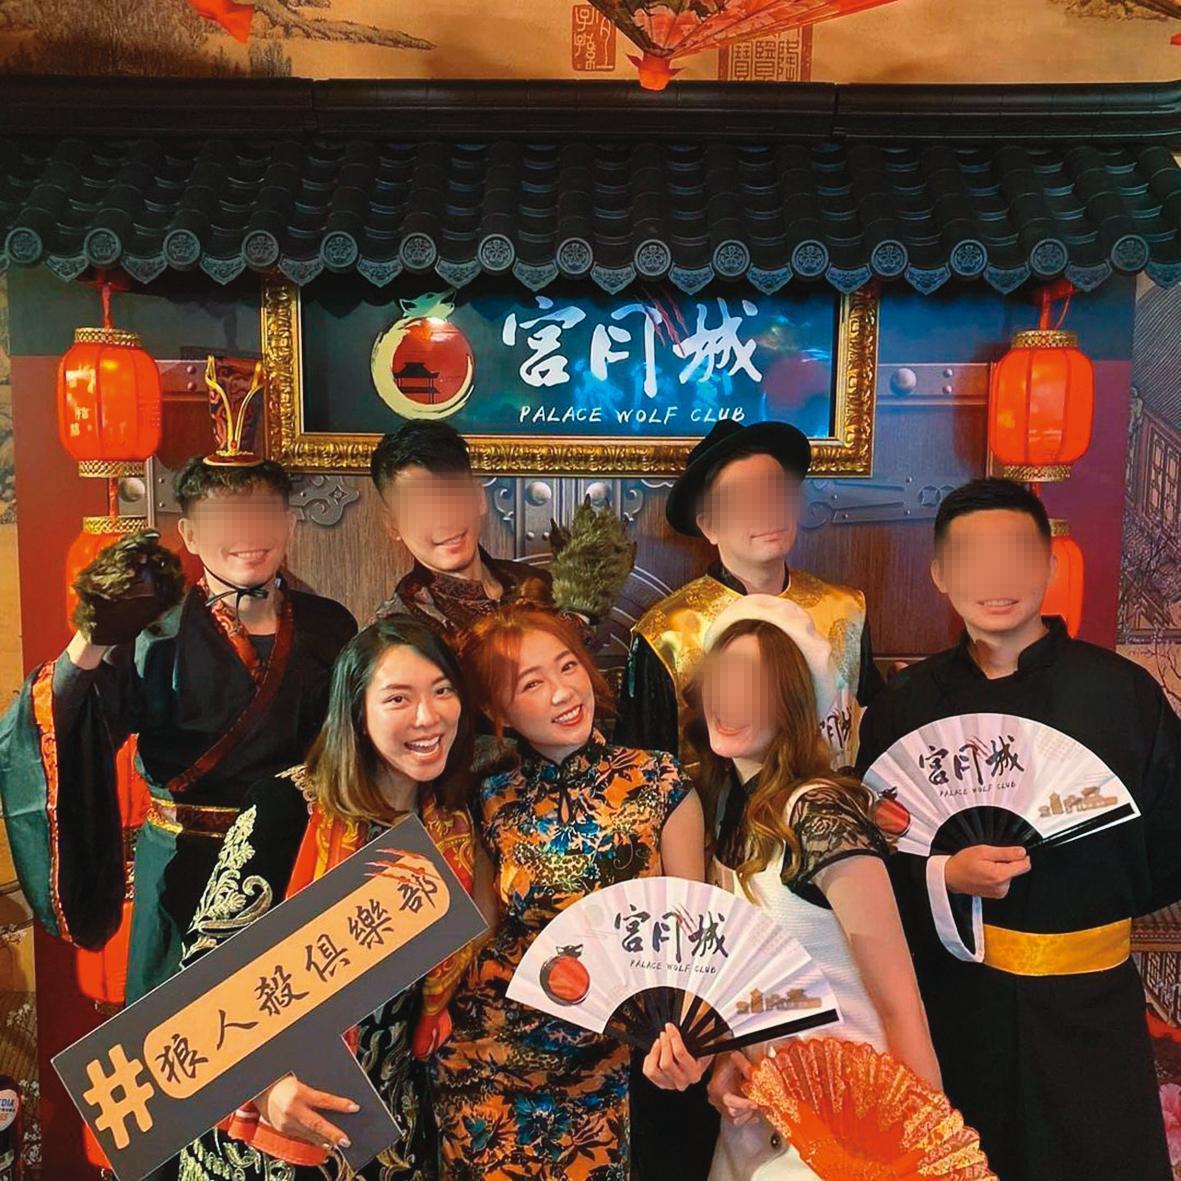 黃霈麒(前排左)在桌遊店開幕時,受邀穿旗袍裝和ㄚ頭(前排中)一起慶祝。(翻攝自宮月城IG)